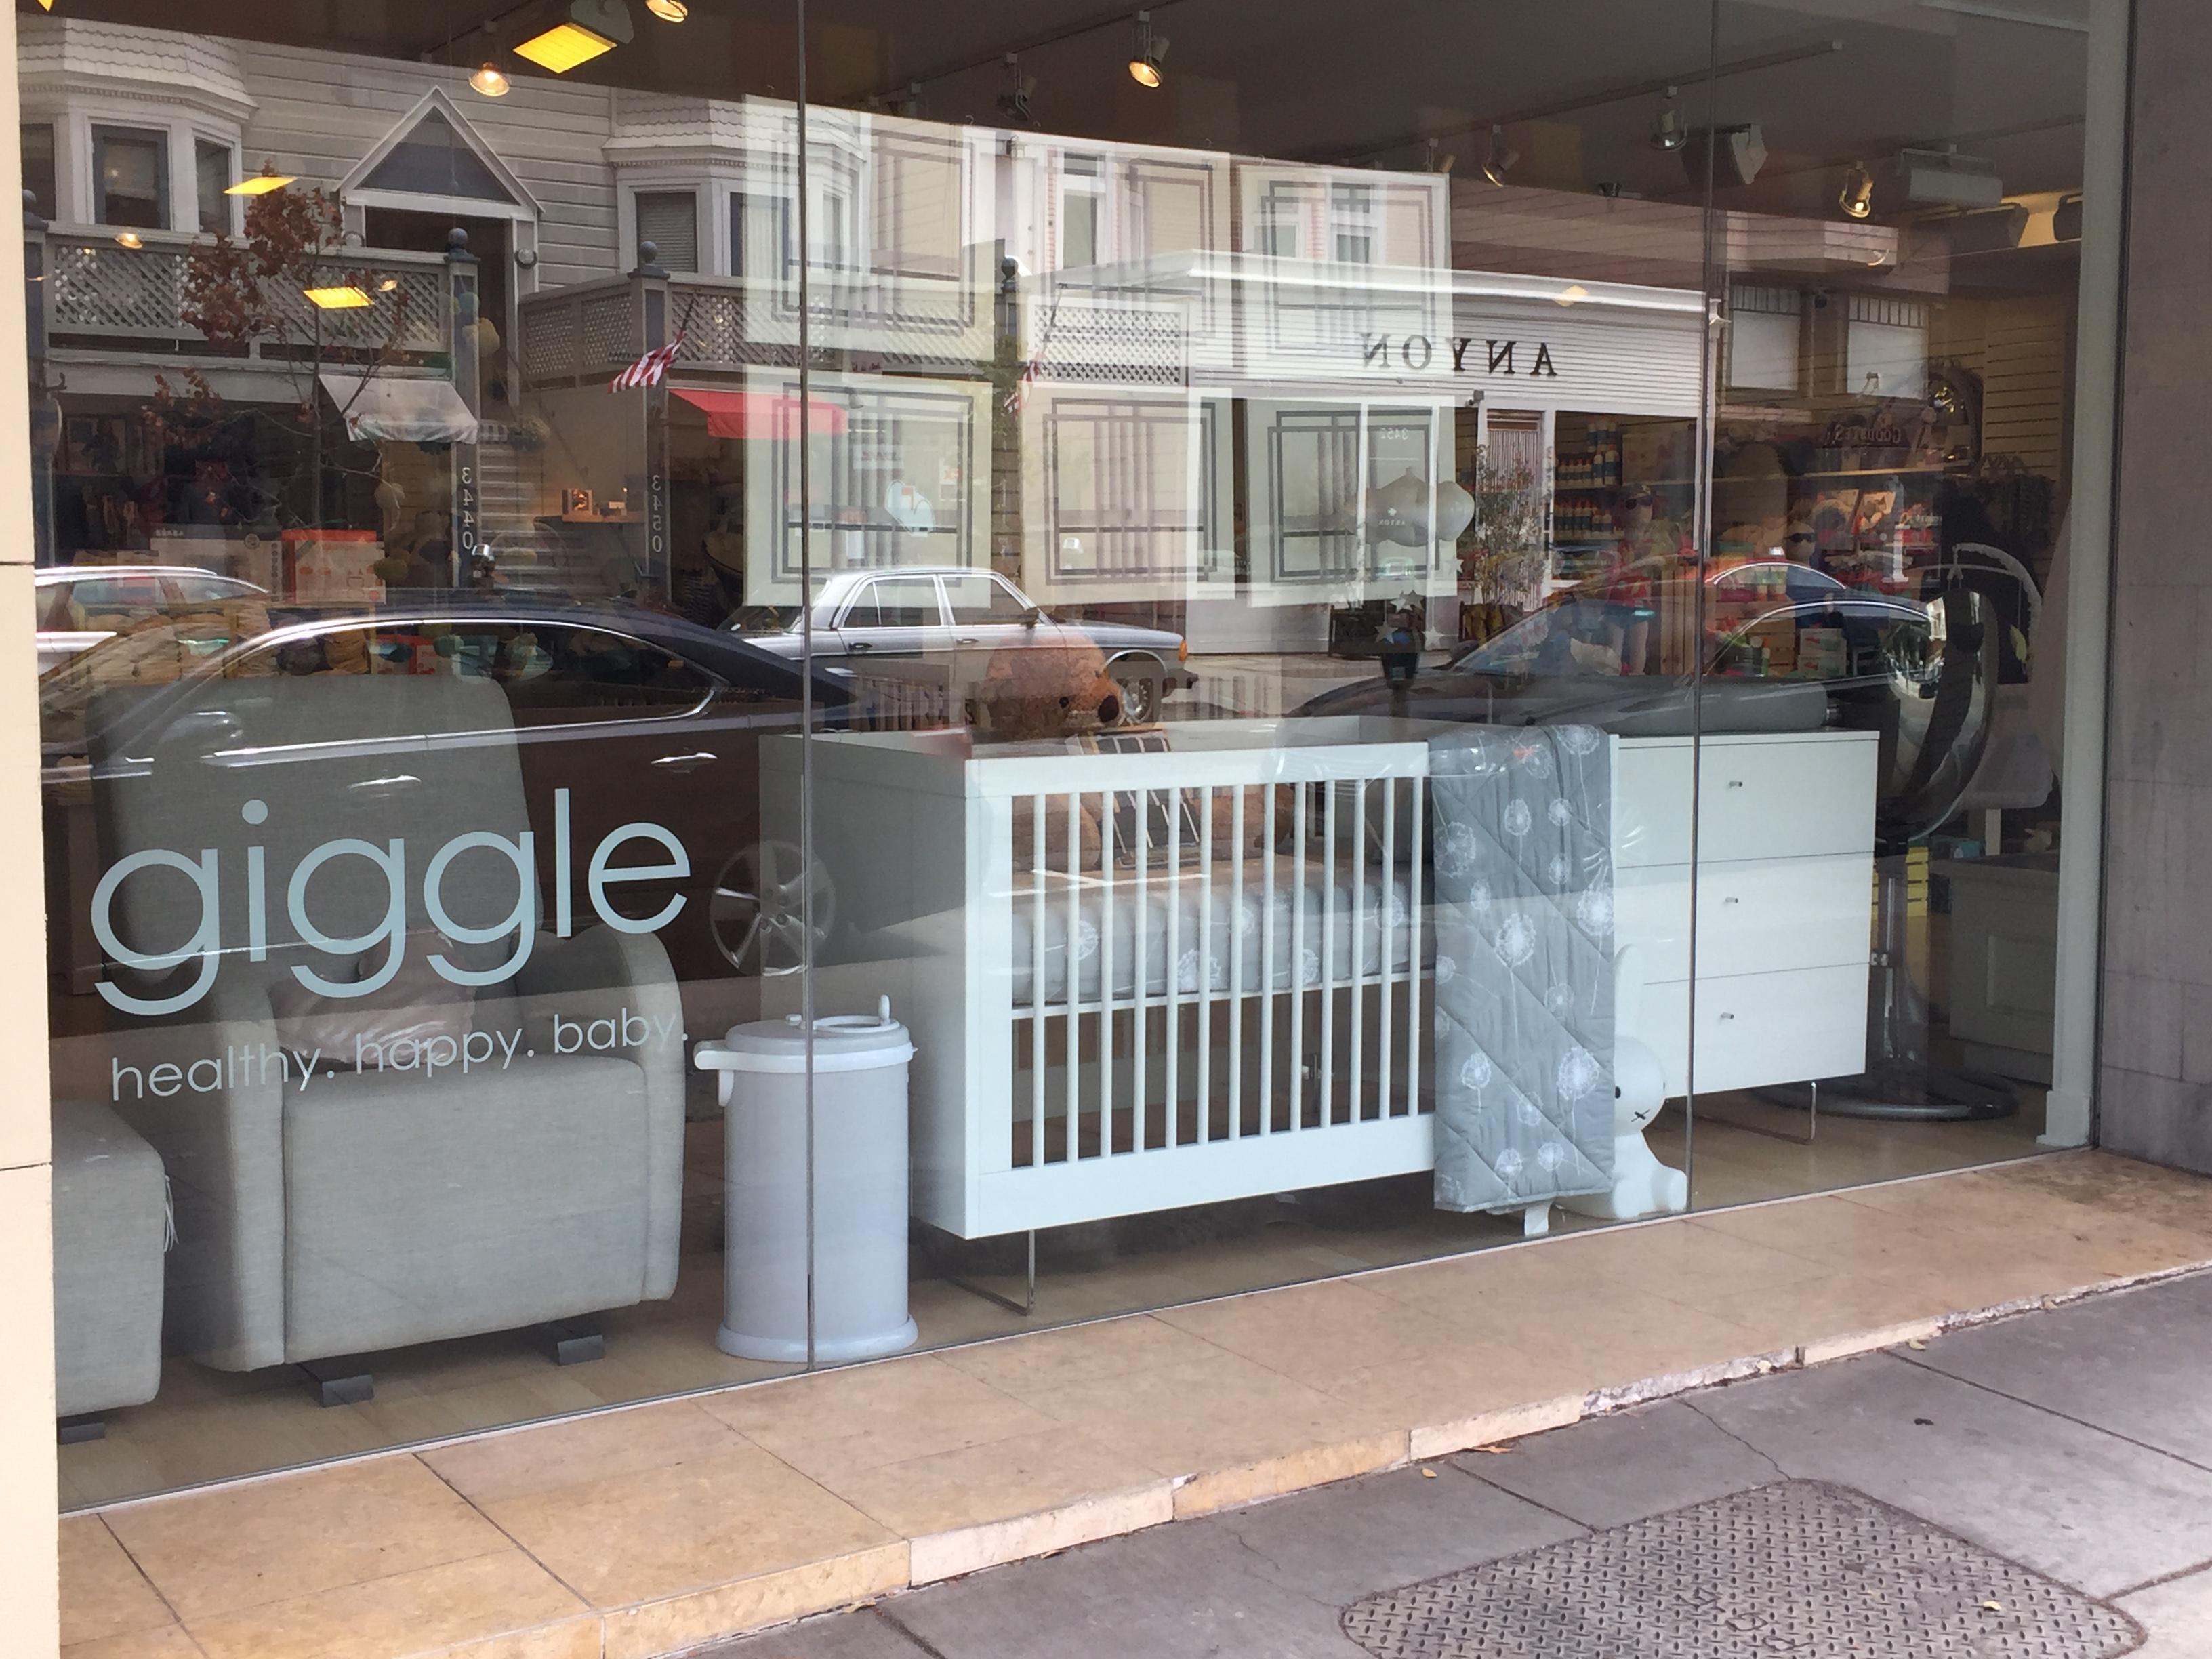 giggle-store-2.jpg